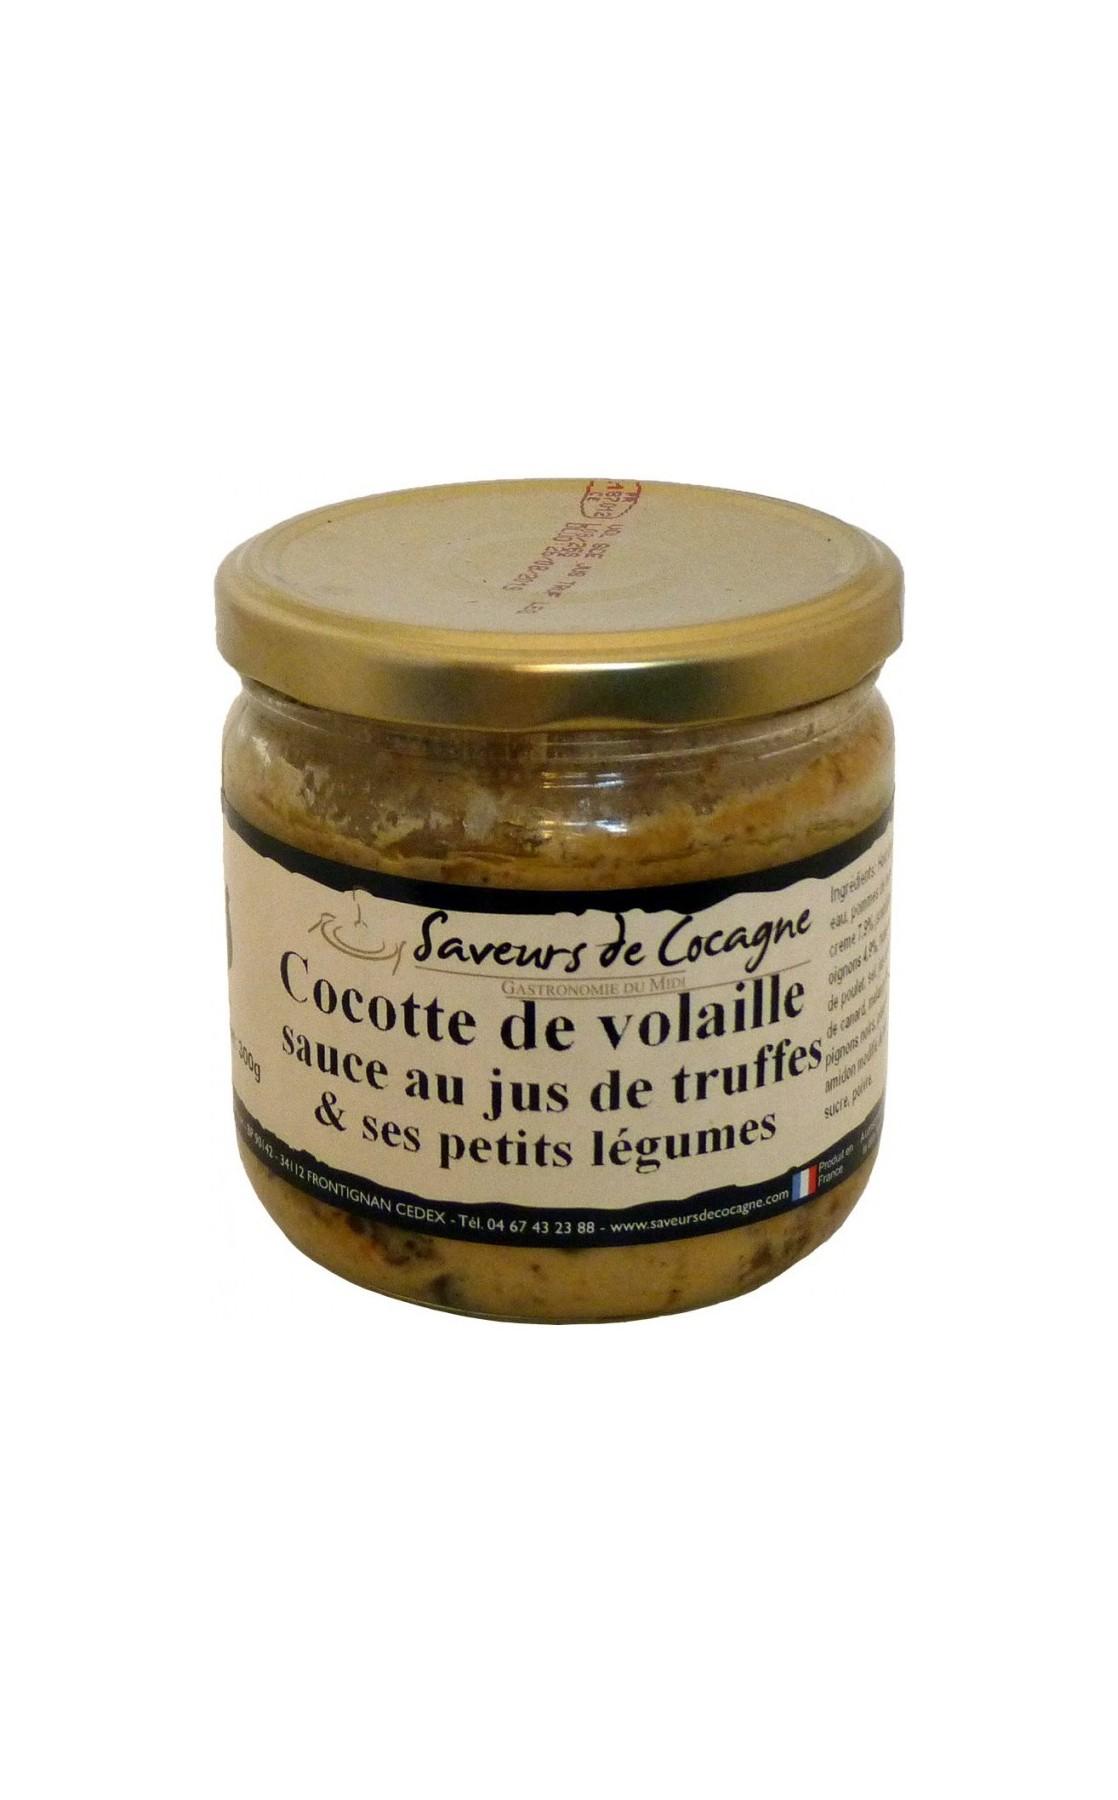 Cocotte de volaille sauce au jus de truffes et ses petits légumes - 300g